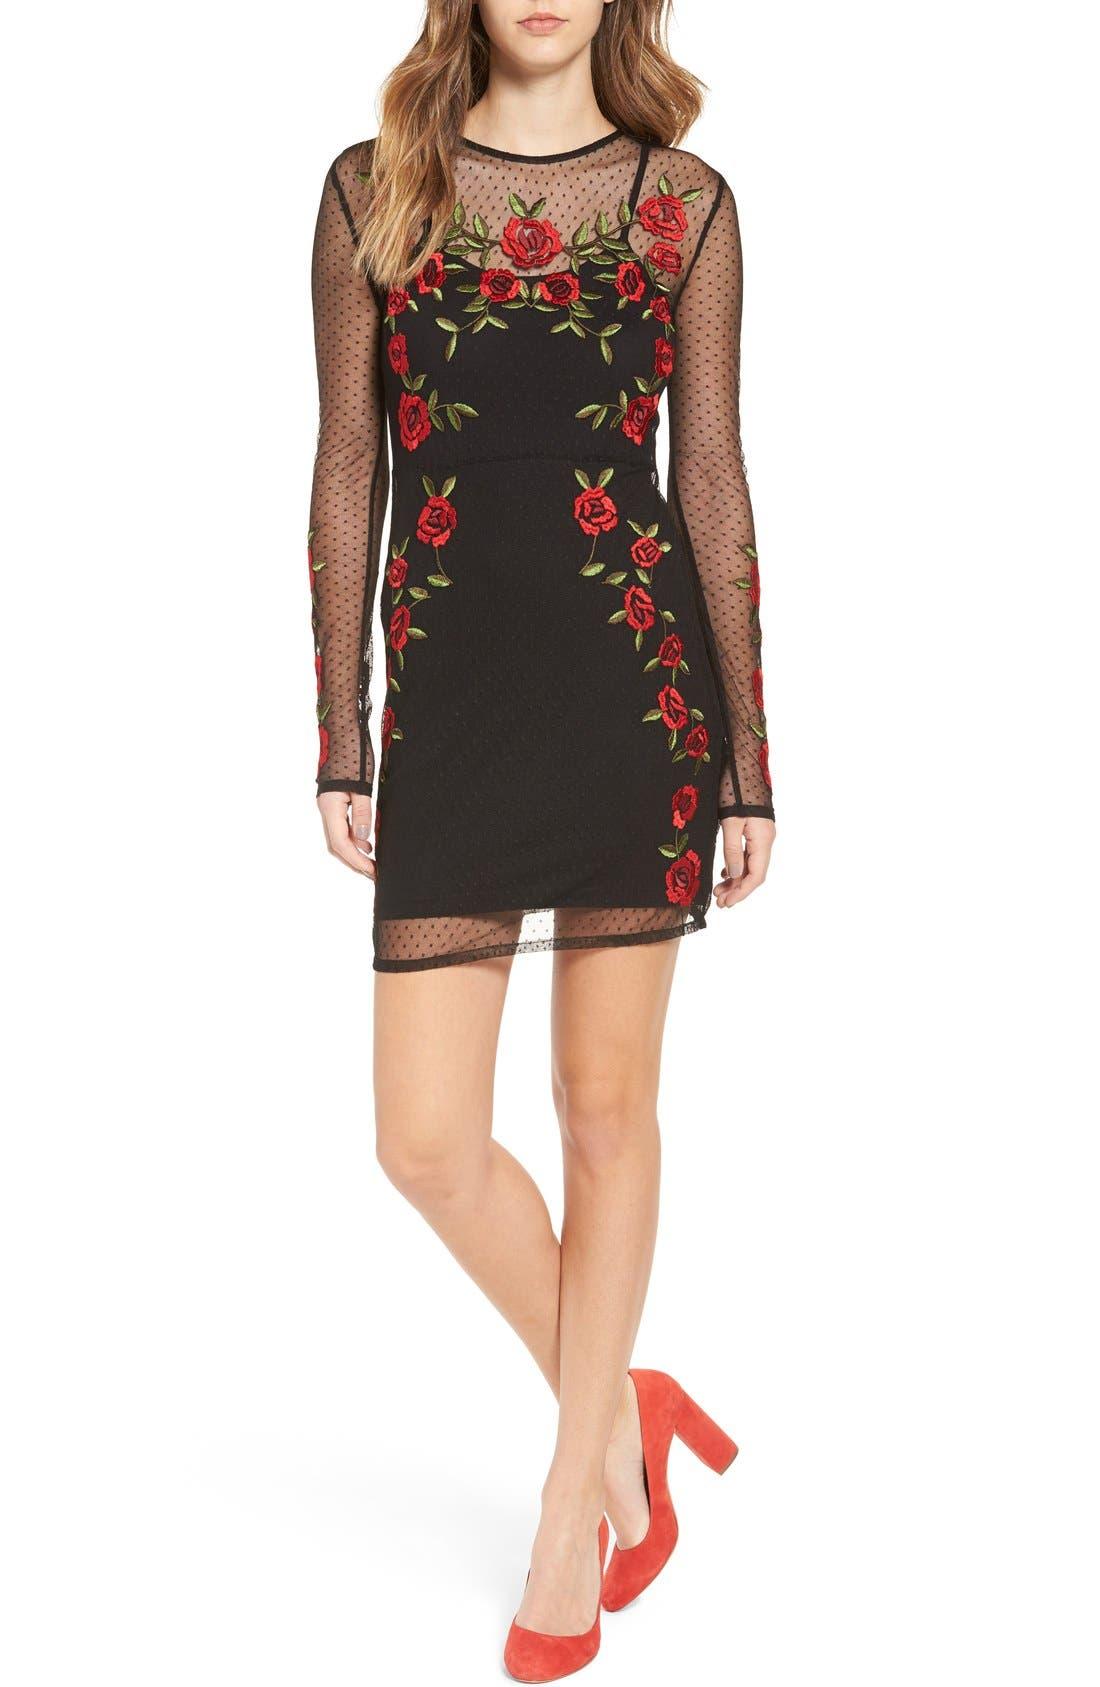 Main Image - Lovers + Friends Morella Body-Con Dress